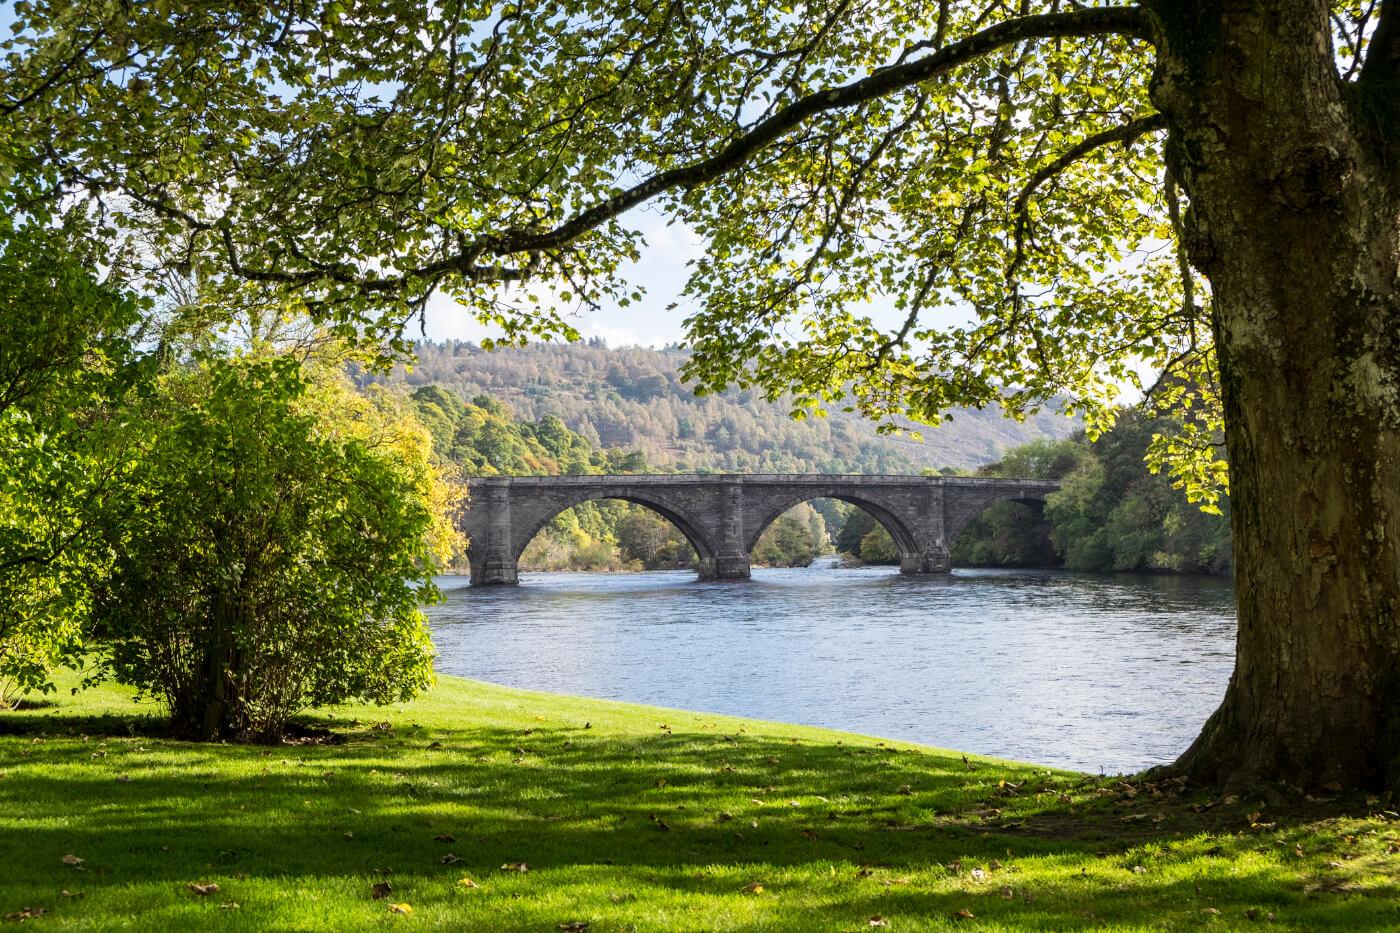 River Tay,Perthshire